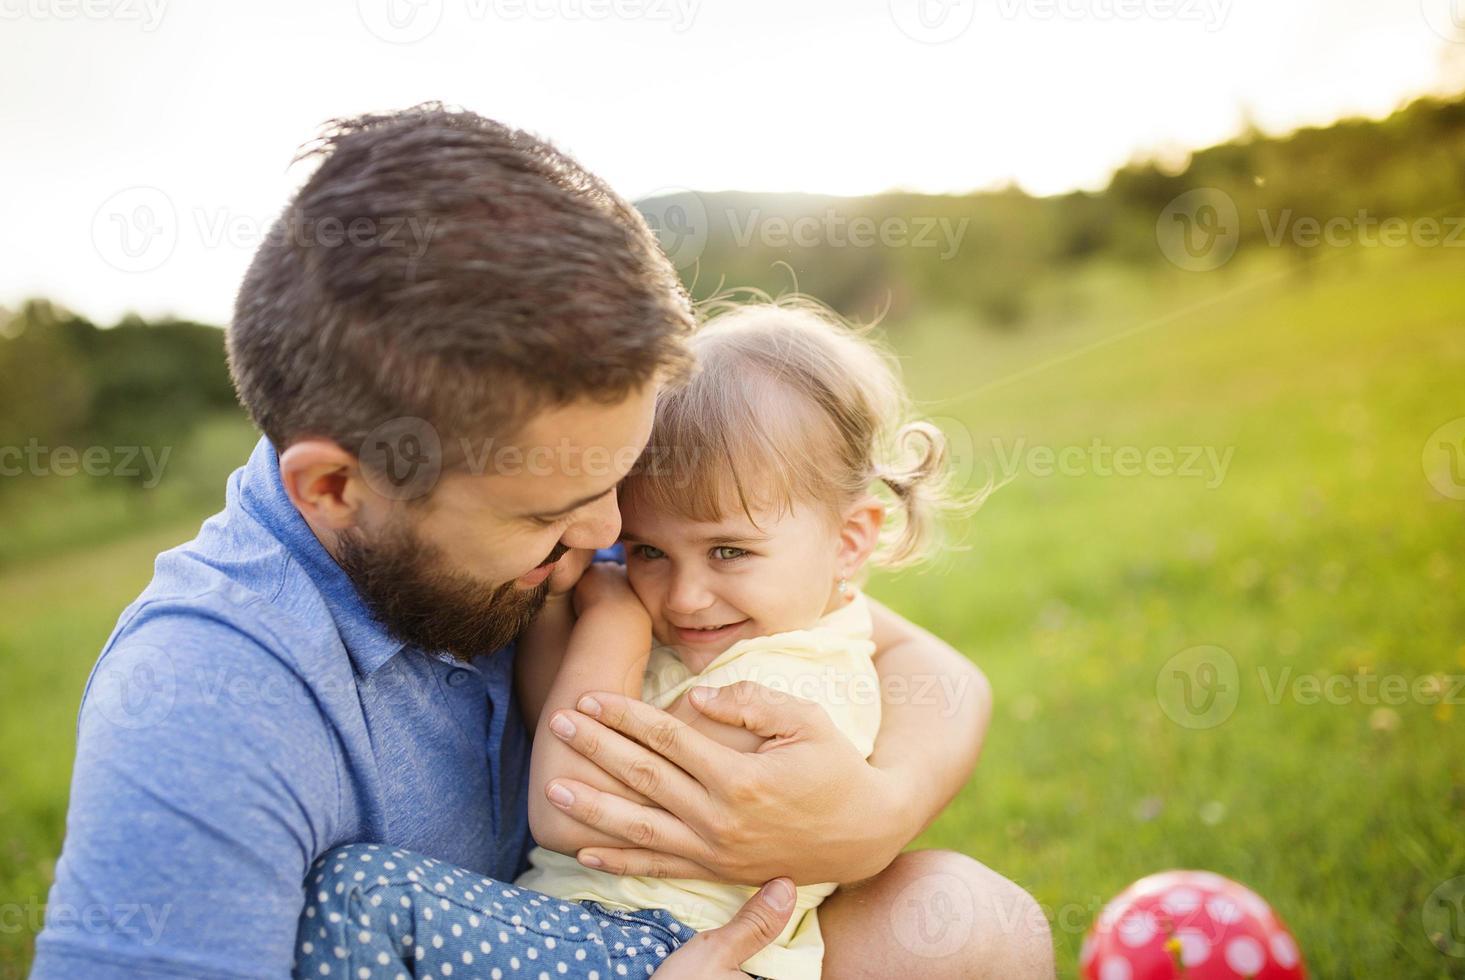 pai e filha brincando foto